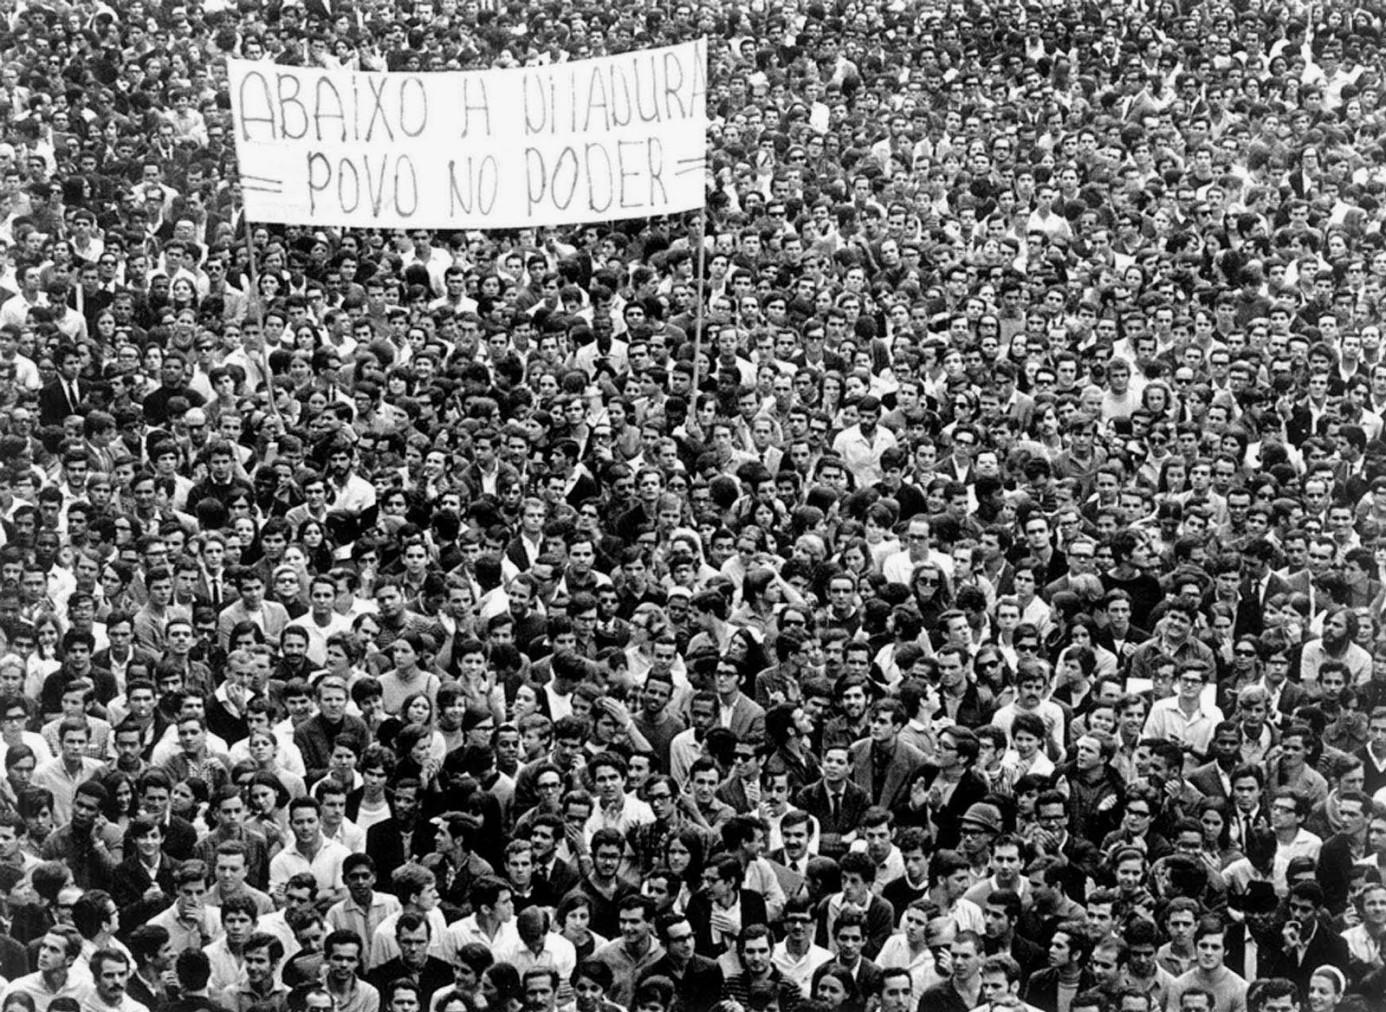 Democracia: crise e possibilidades